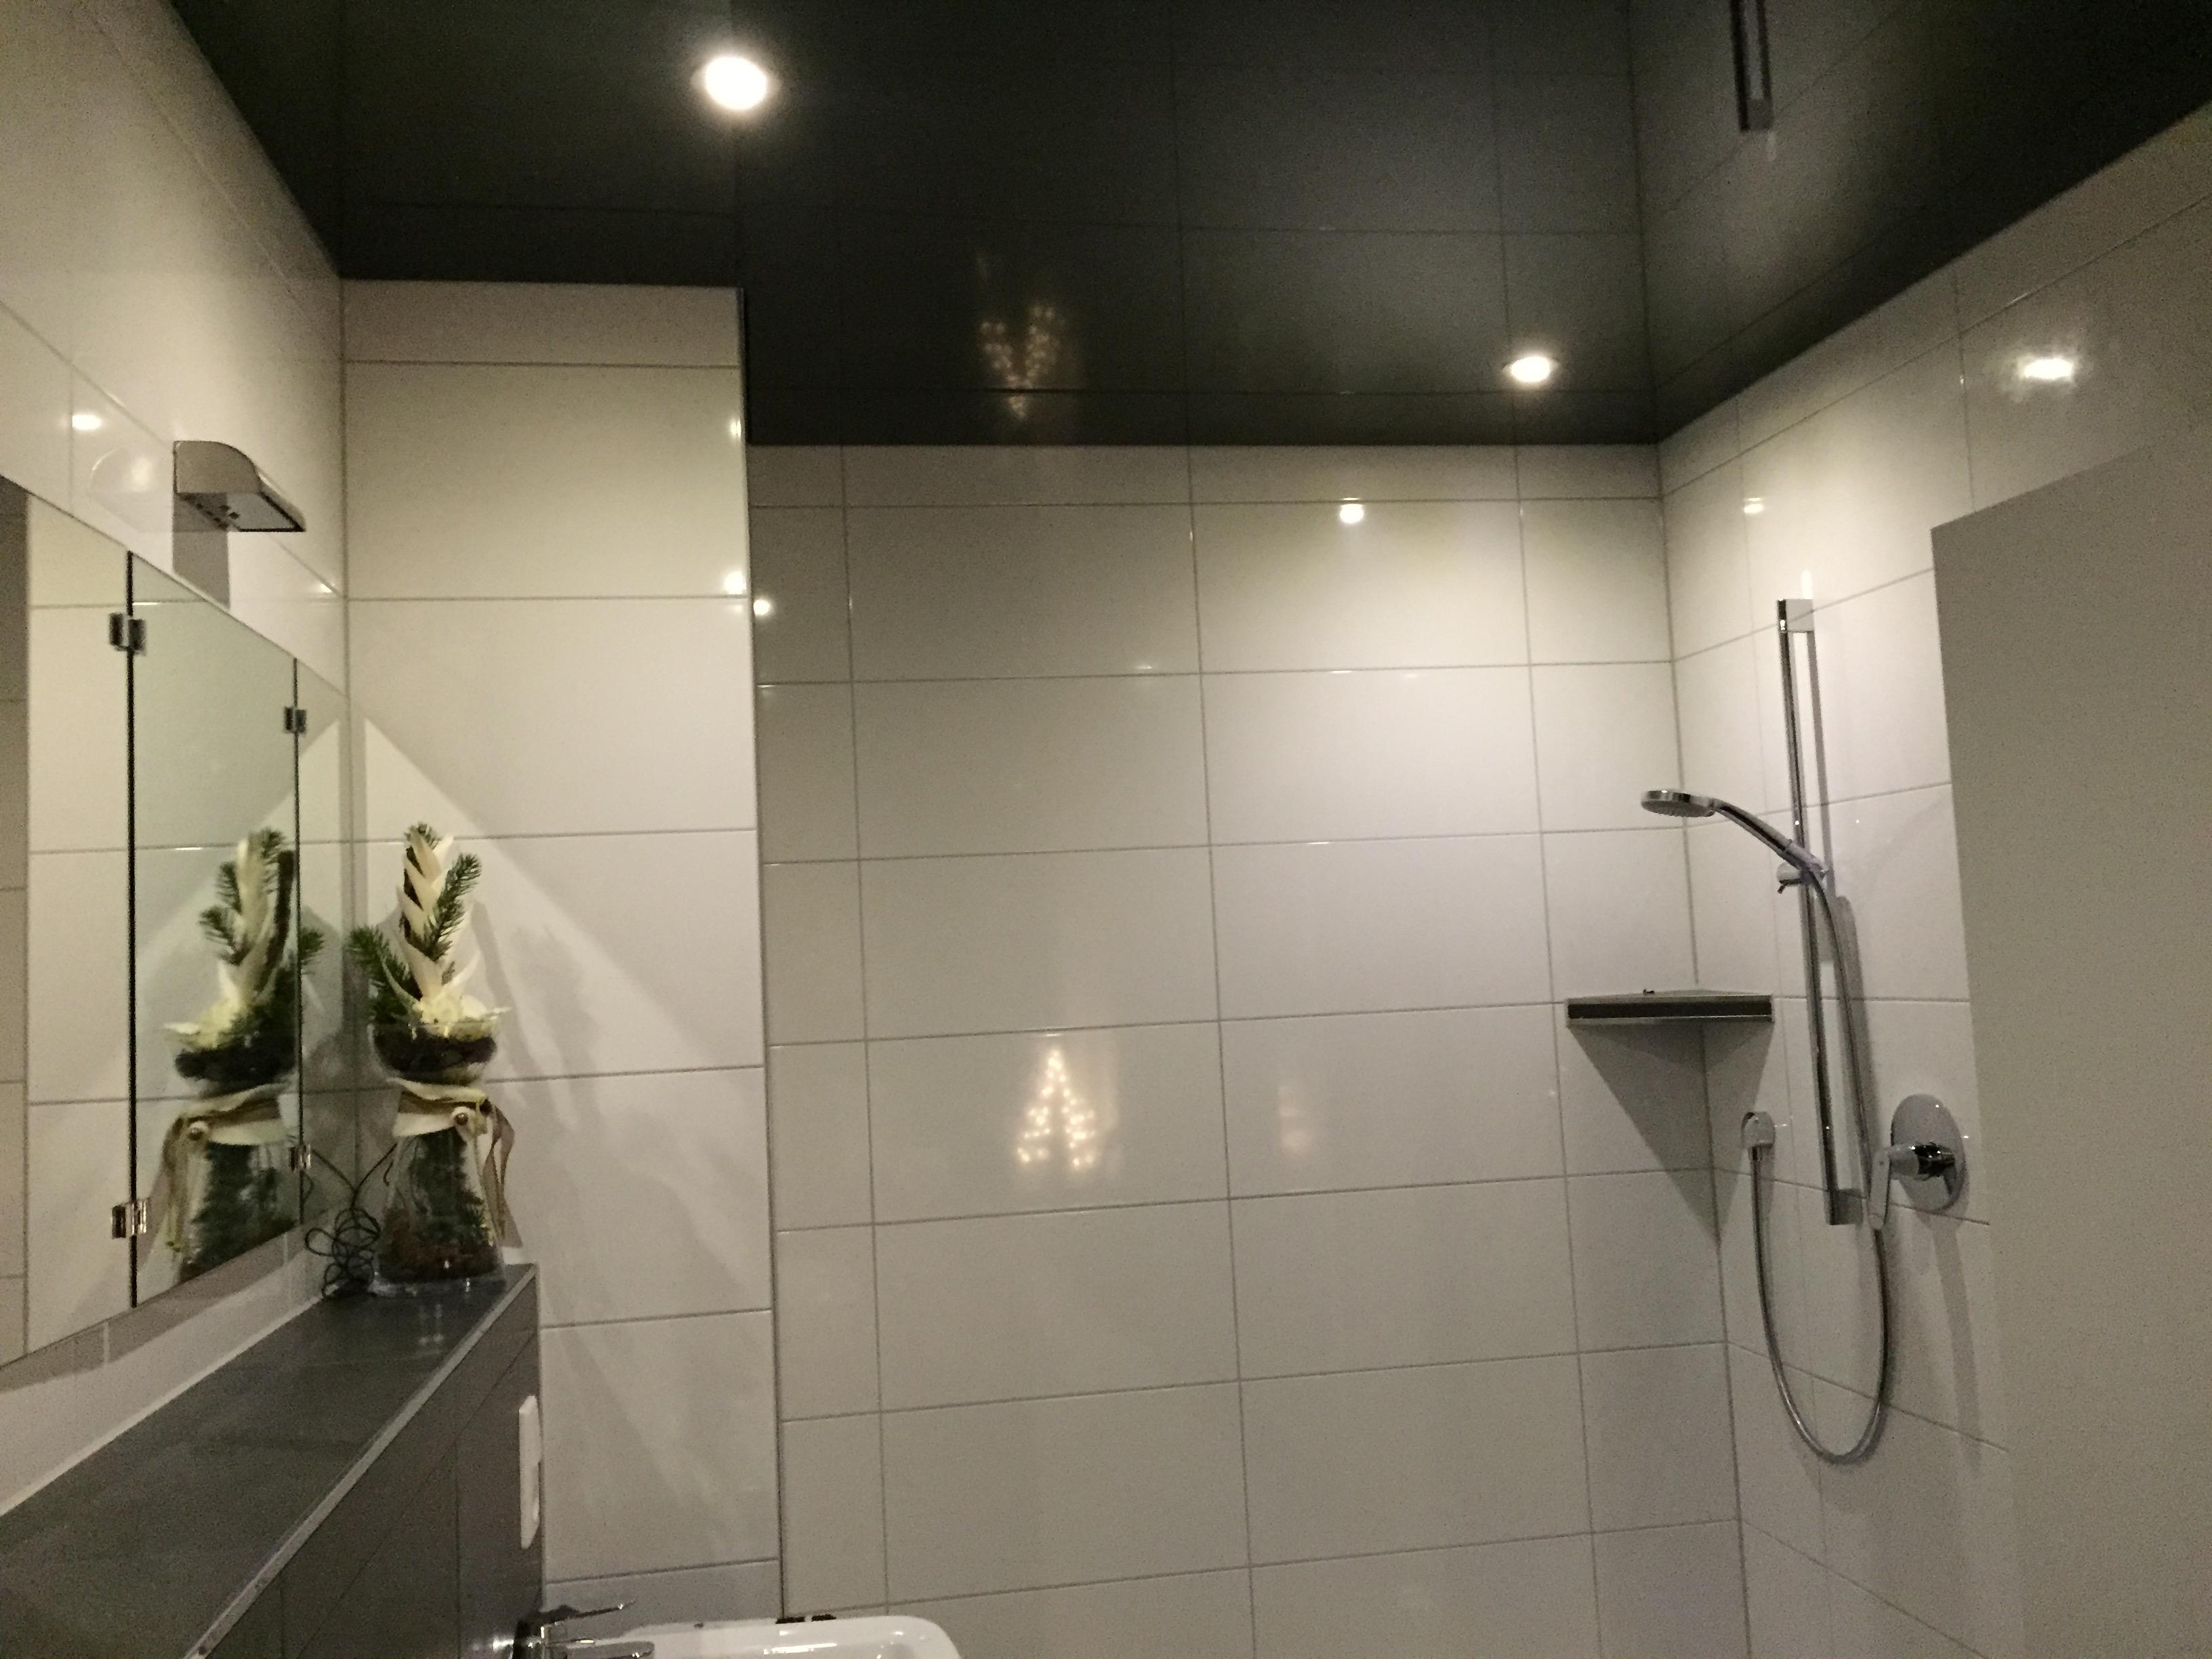 spanndecken badezimmer kosten. Black Bedroom Furniture Sets. Home Design Ideas